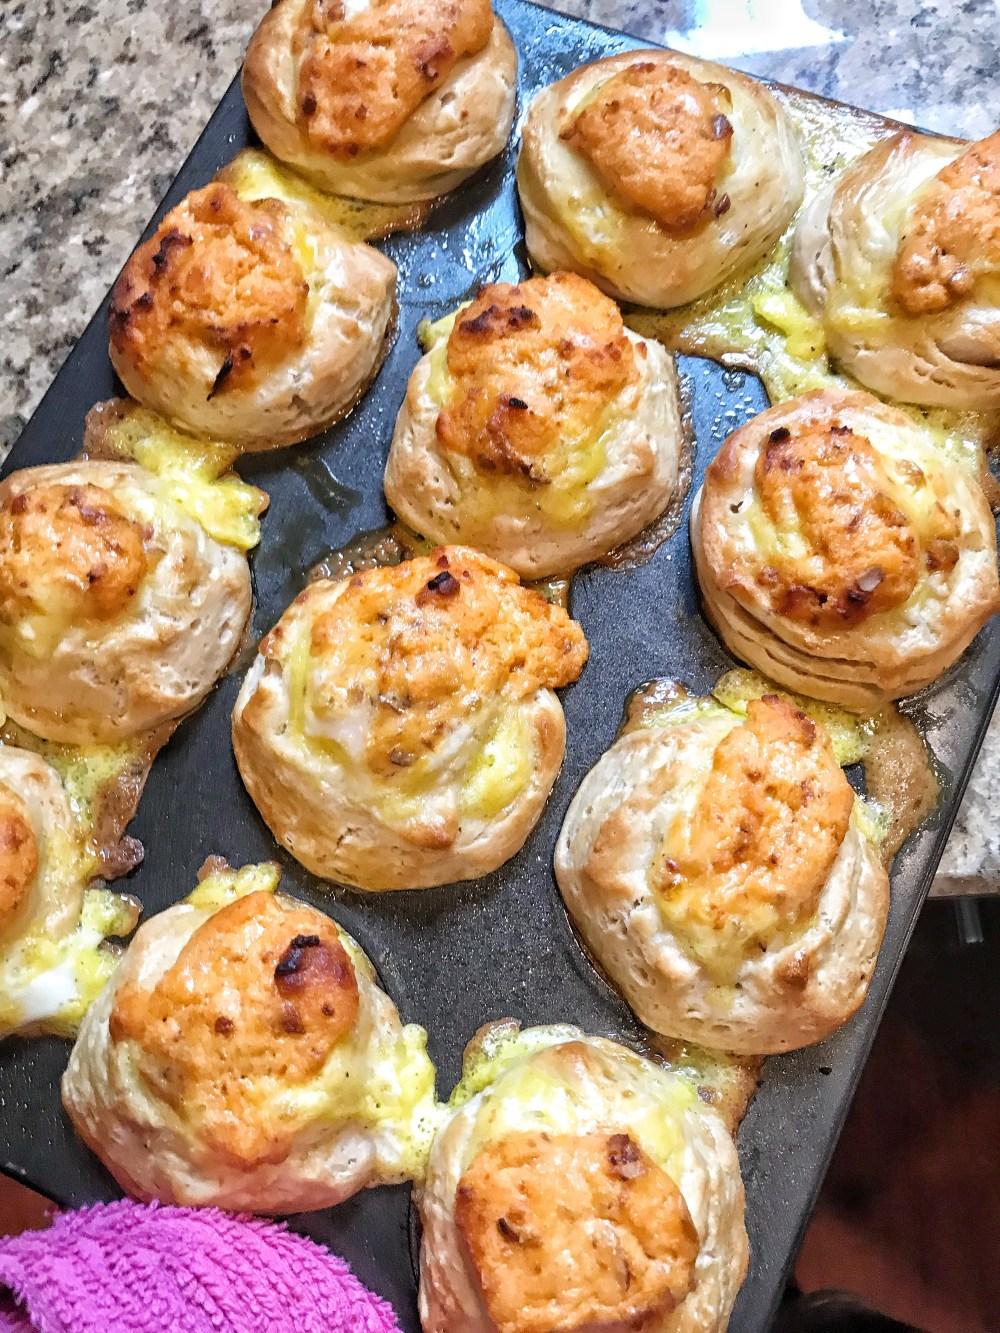 Cheddar Egg Biscuits